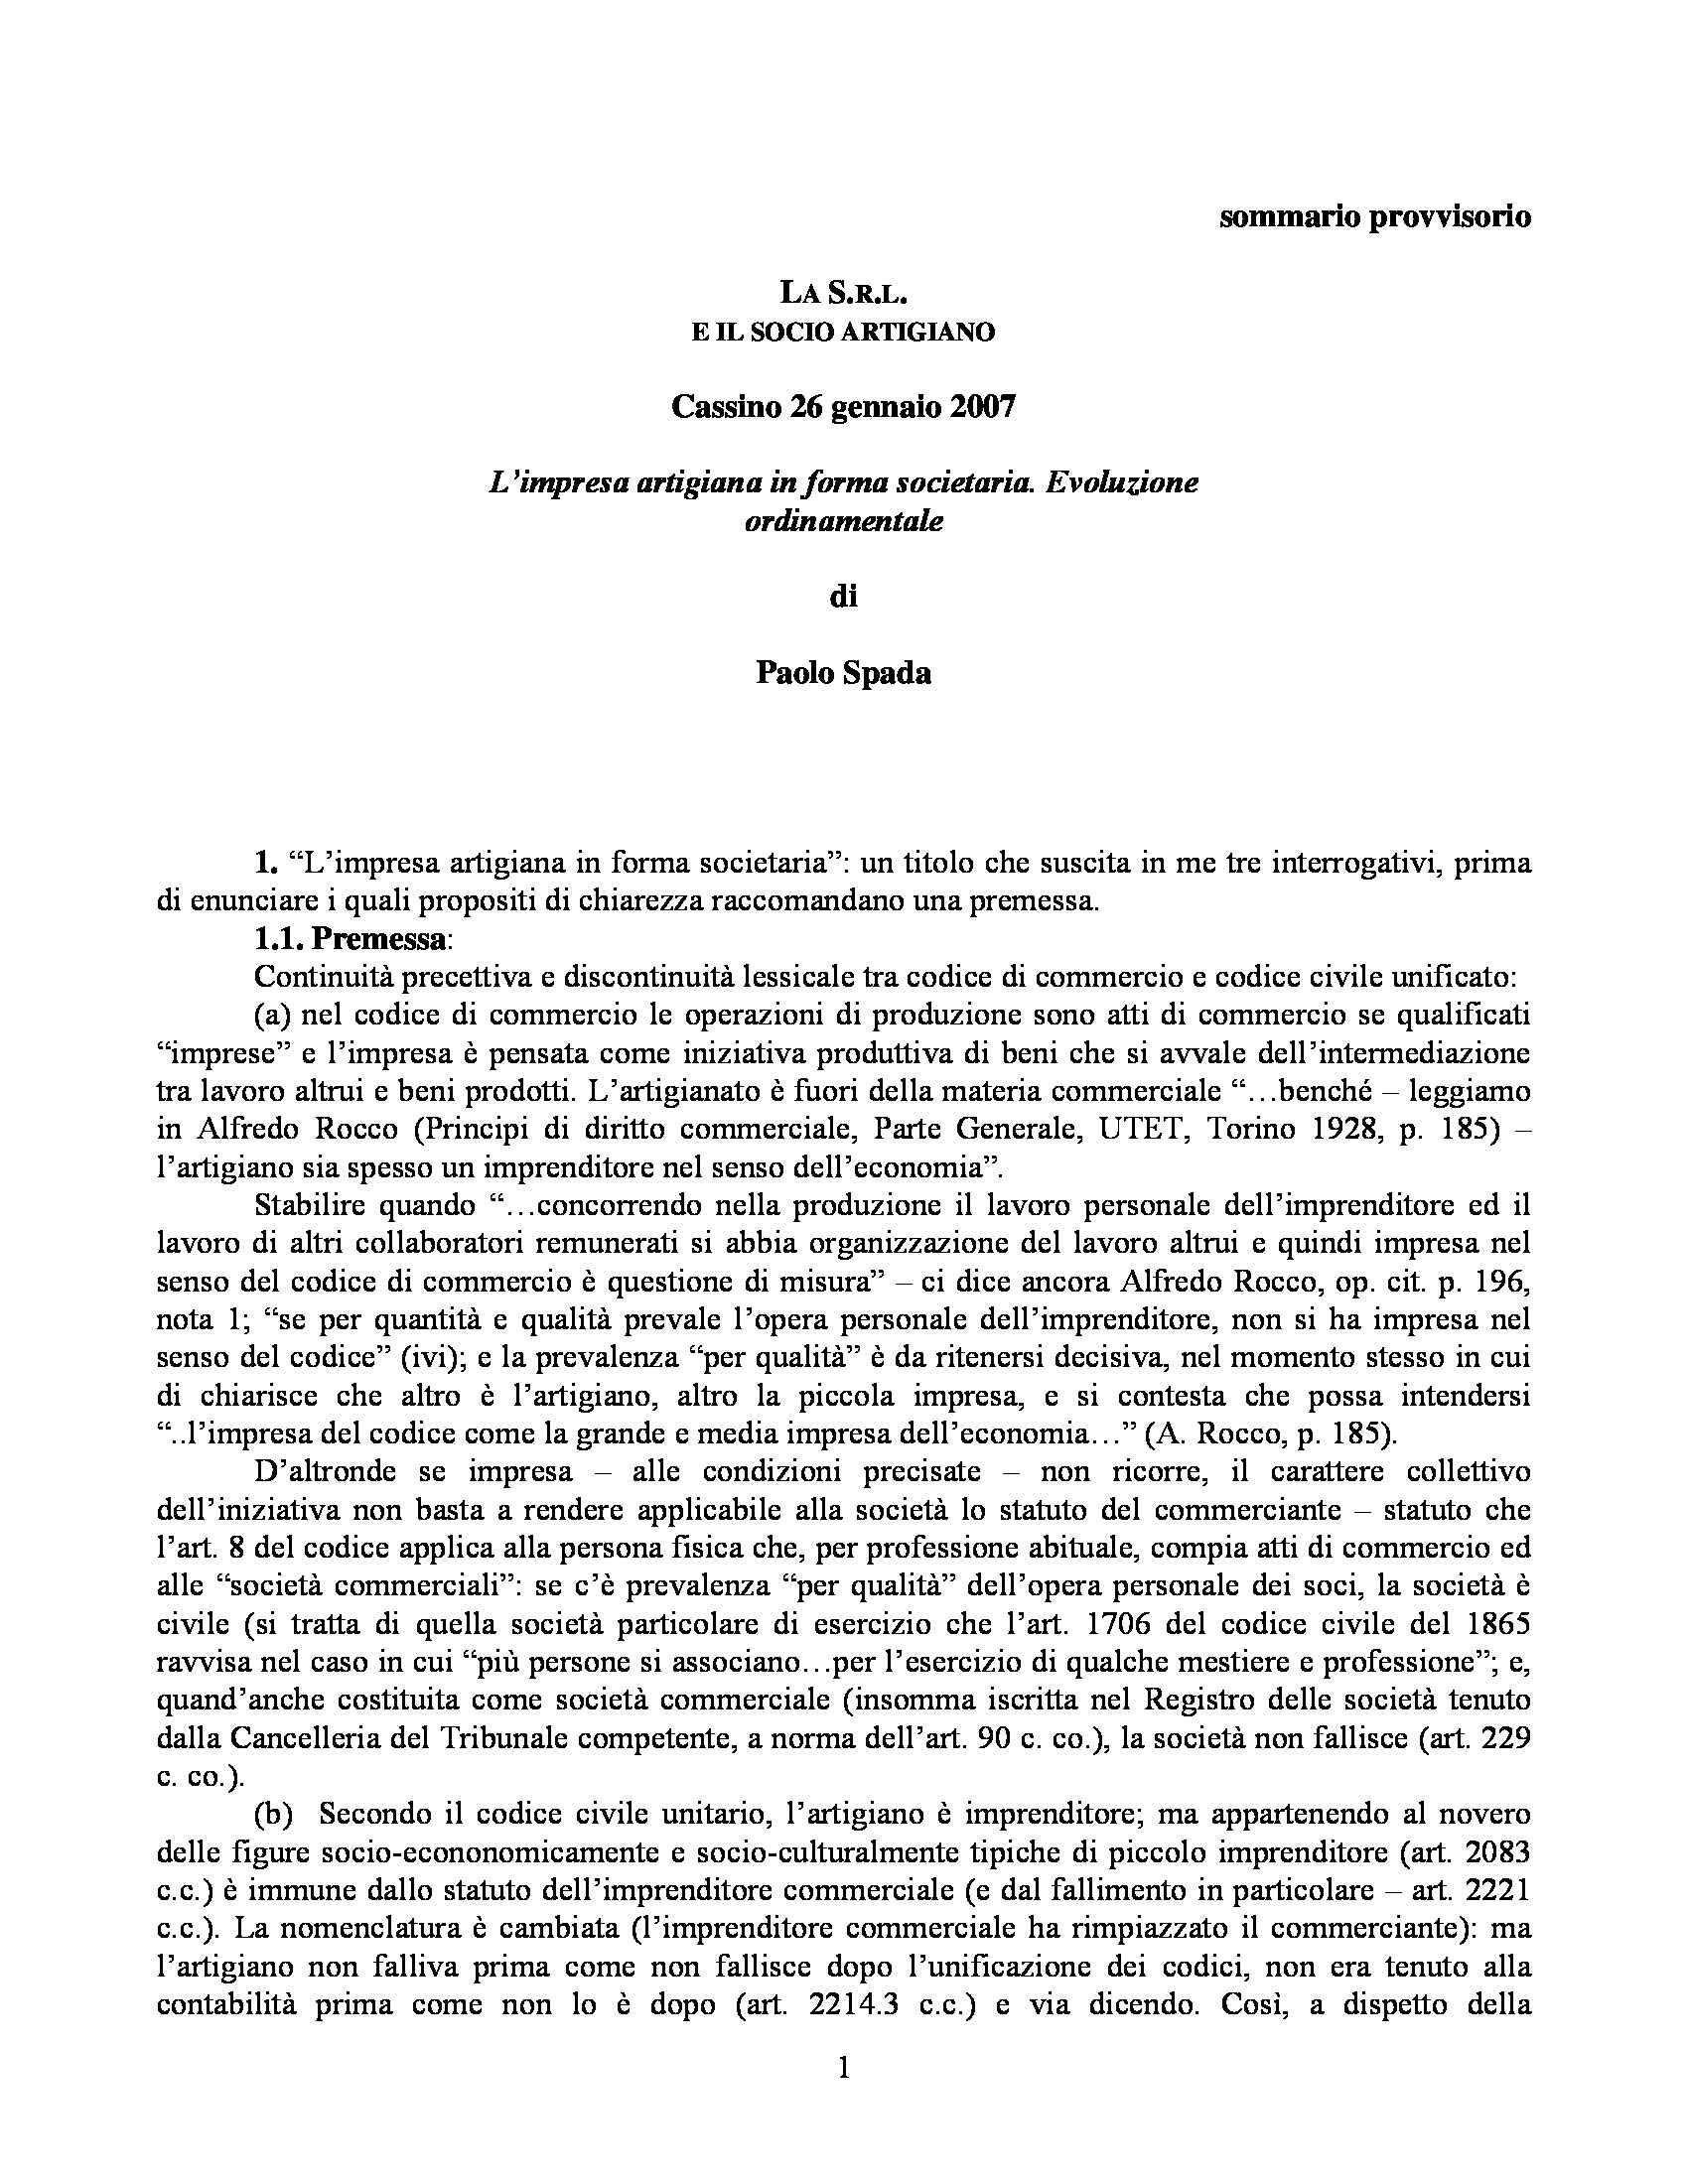 Impresa artigiana - Evoluzione ordinamentale